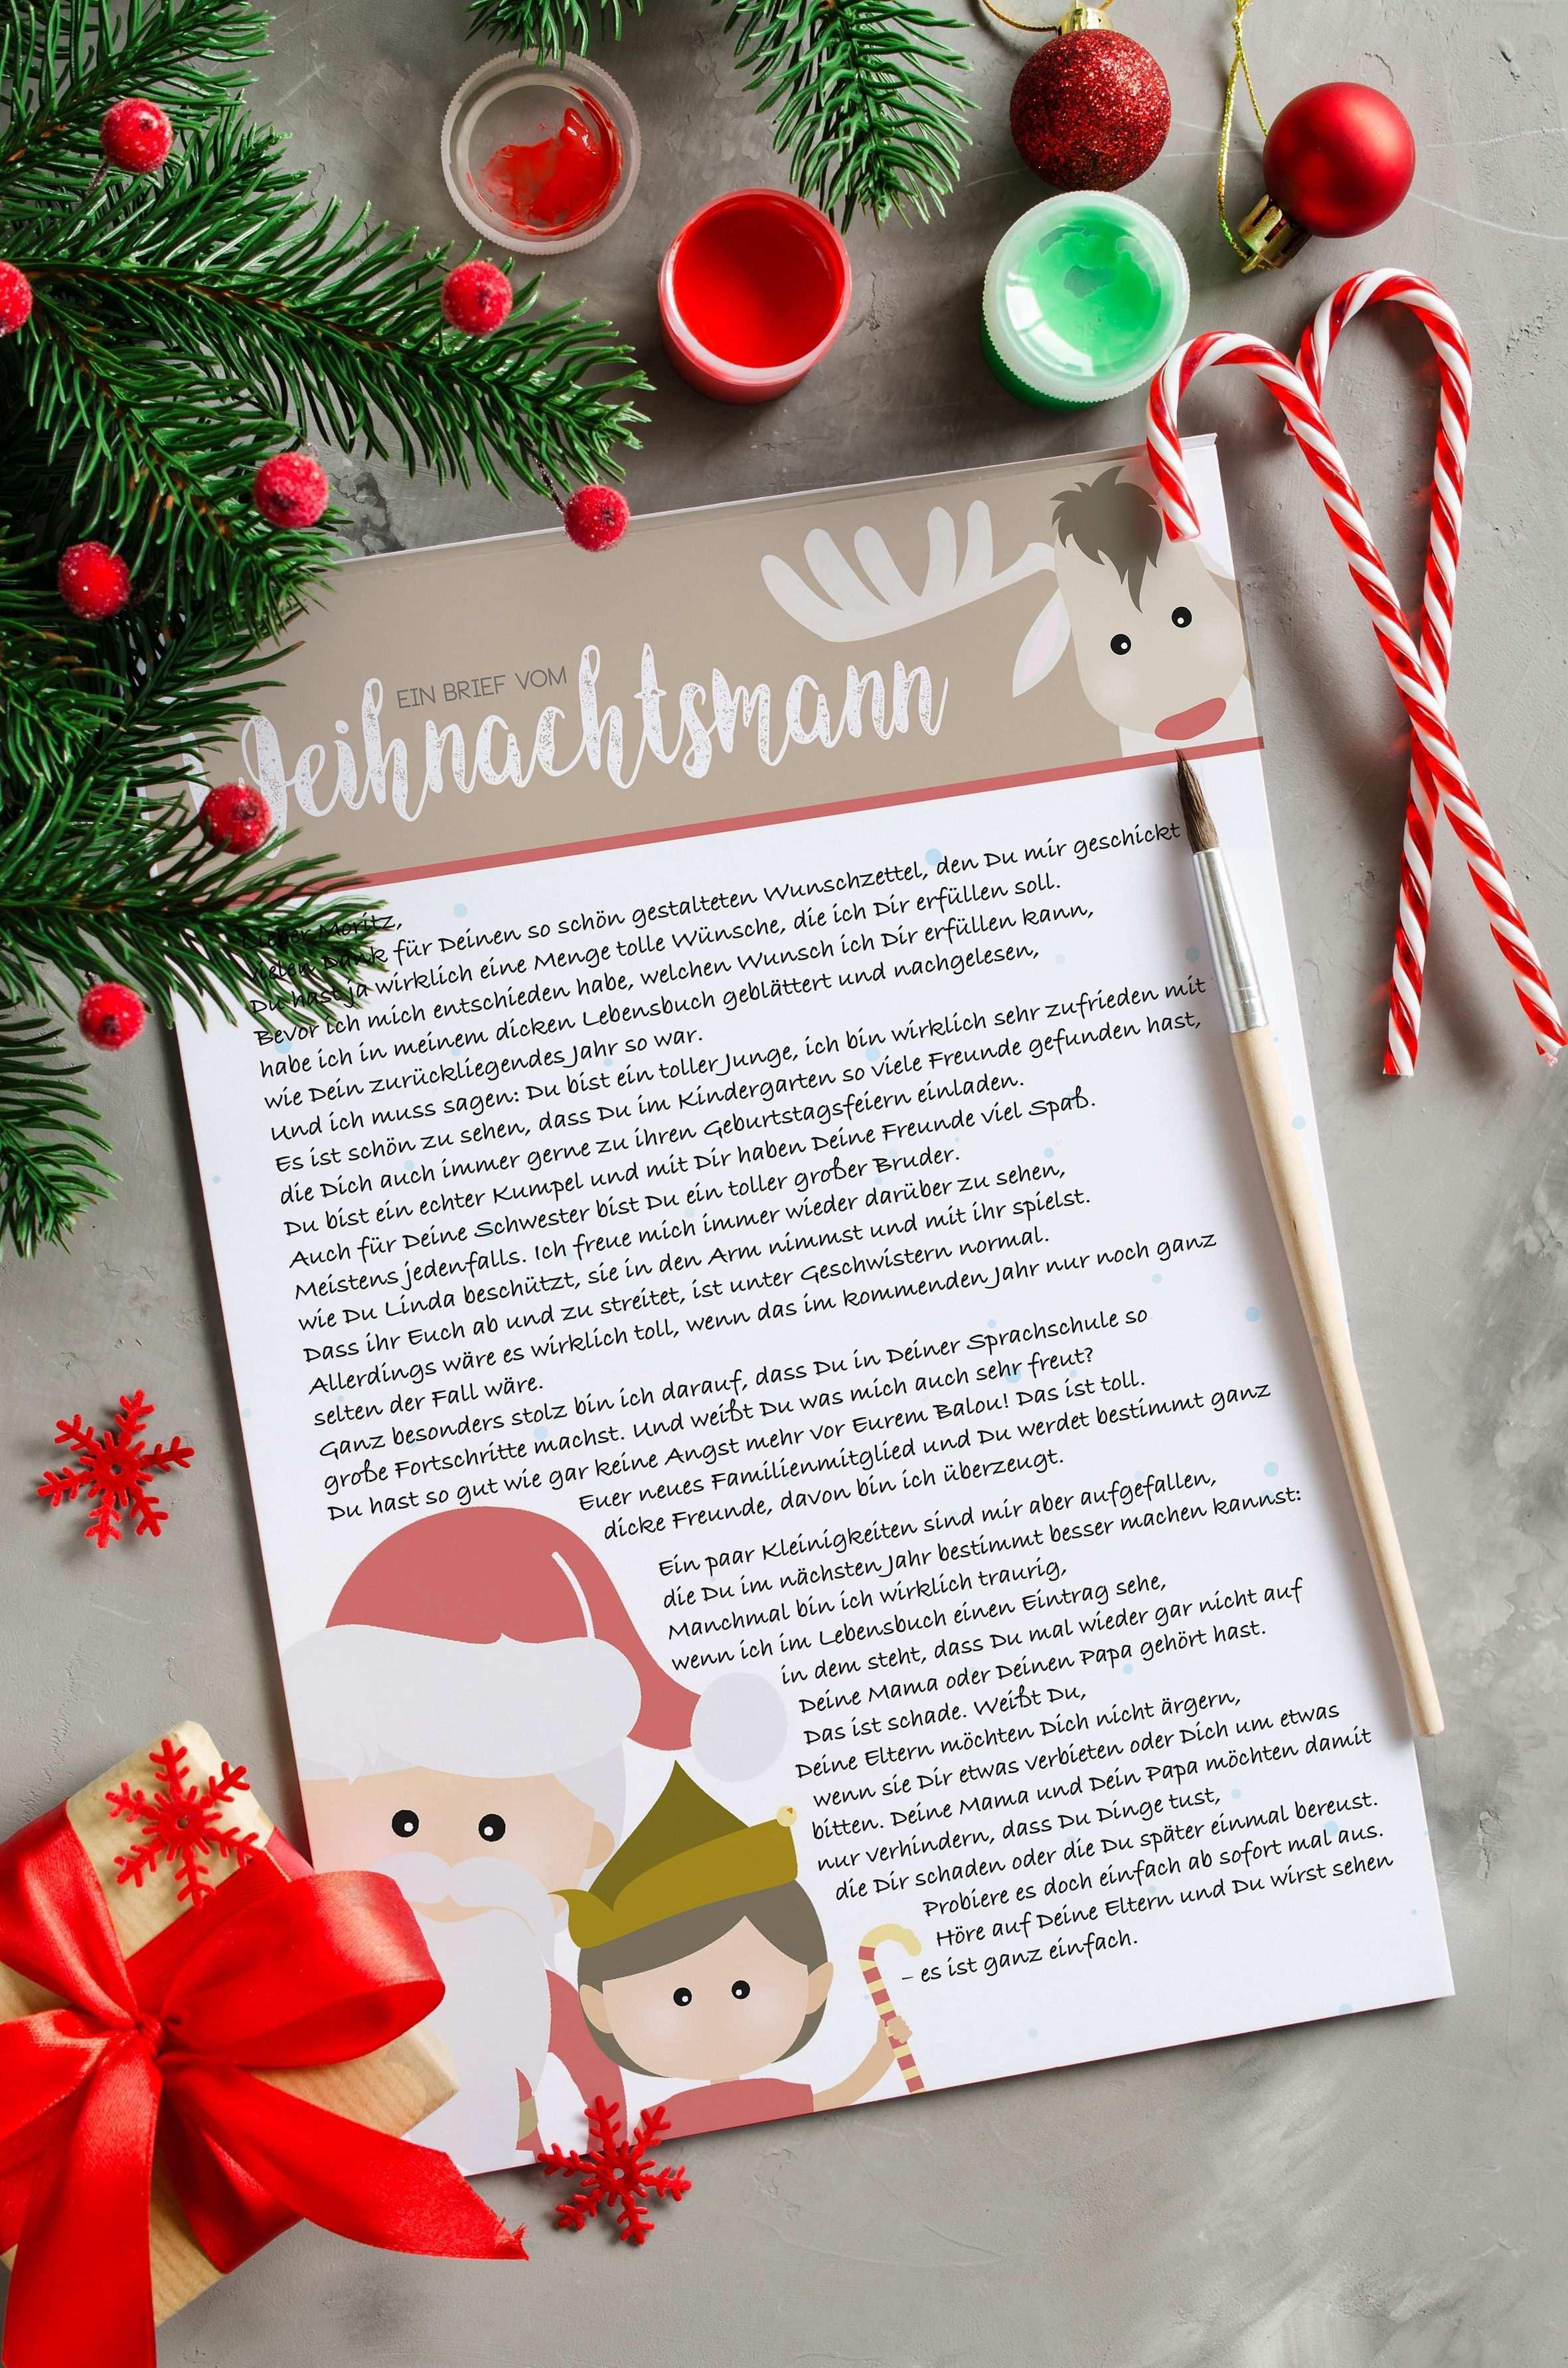 Wir Haben Etwas Ganz Besonderes Fur Euch Im Shop Einen Brief Vom Weihnachtsmann Fur Eure Kleinen Und Basteln Weihnachten Brief Vom Weihnachtsmann Weihnachten